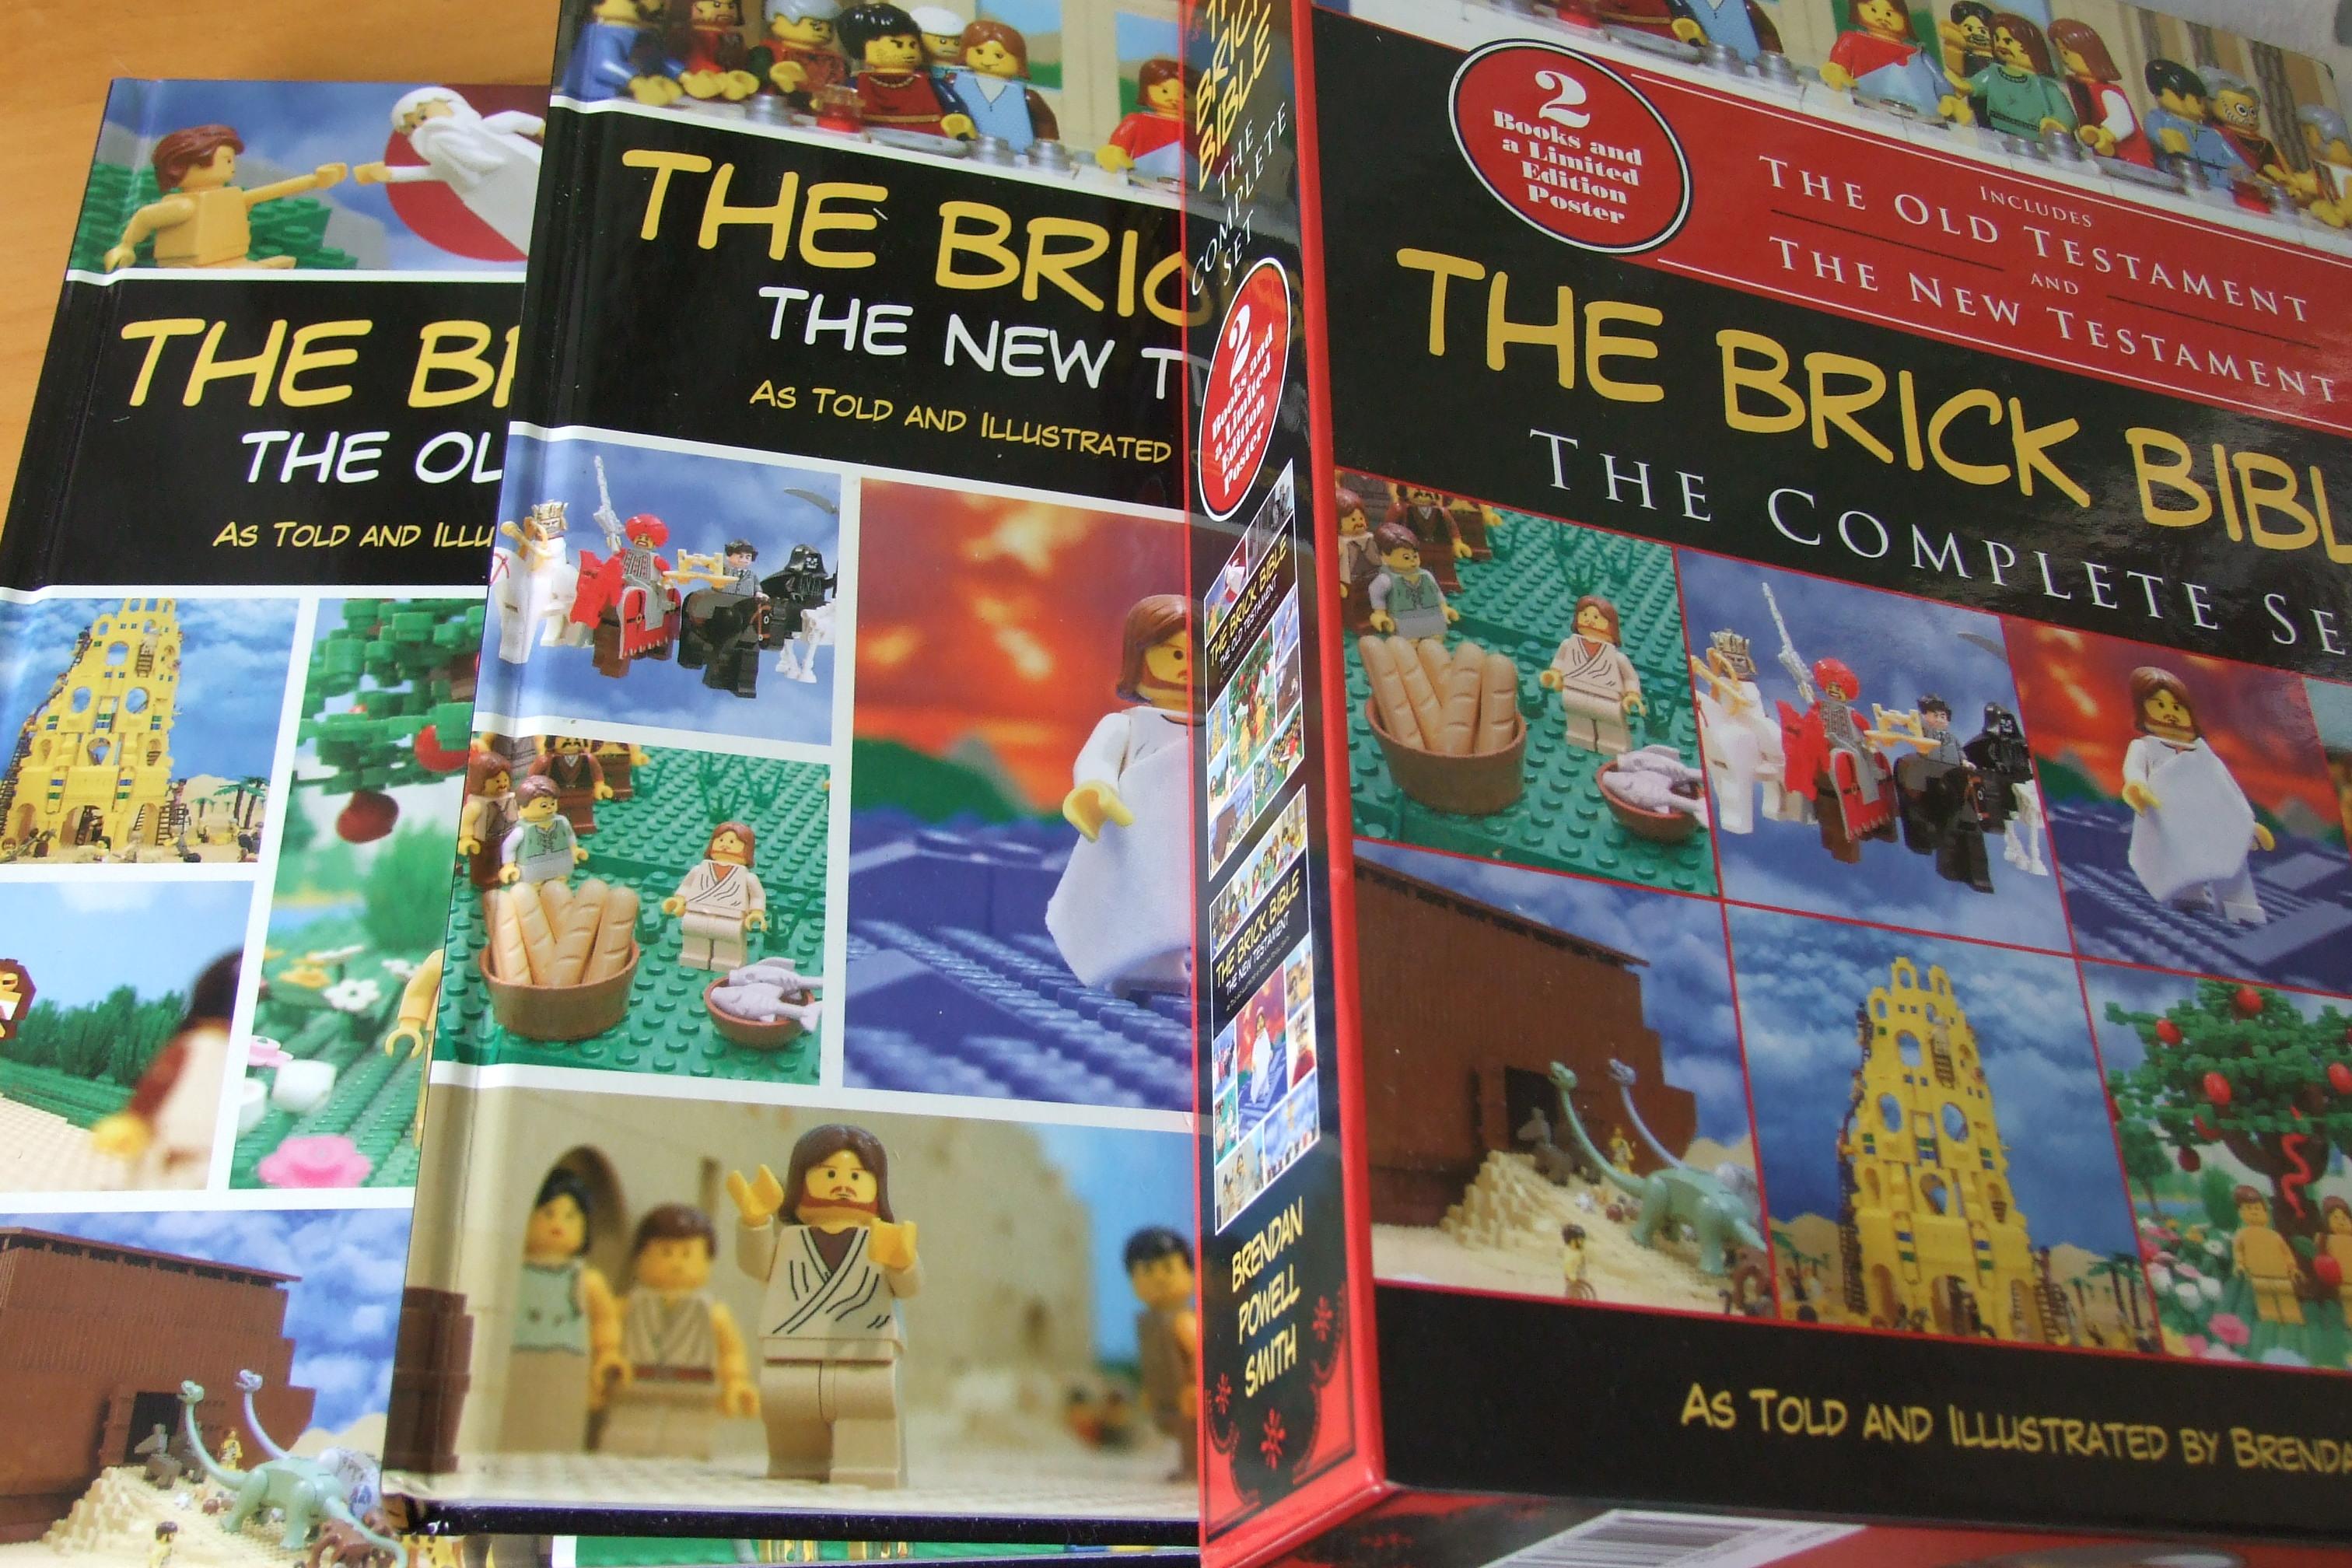 2013年に出版された、旧約版・新約版を合わせた計540ページにわたるコンプリート版レゴ聖書『THE BRICK BIBLE(ブリック・バイブル)』。延べ3000枚以上の写真が収められている。